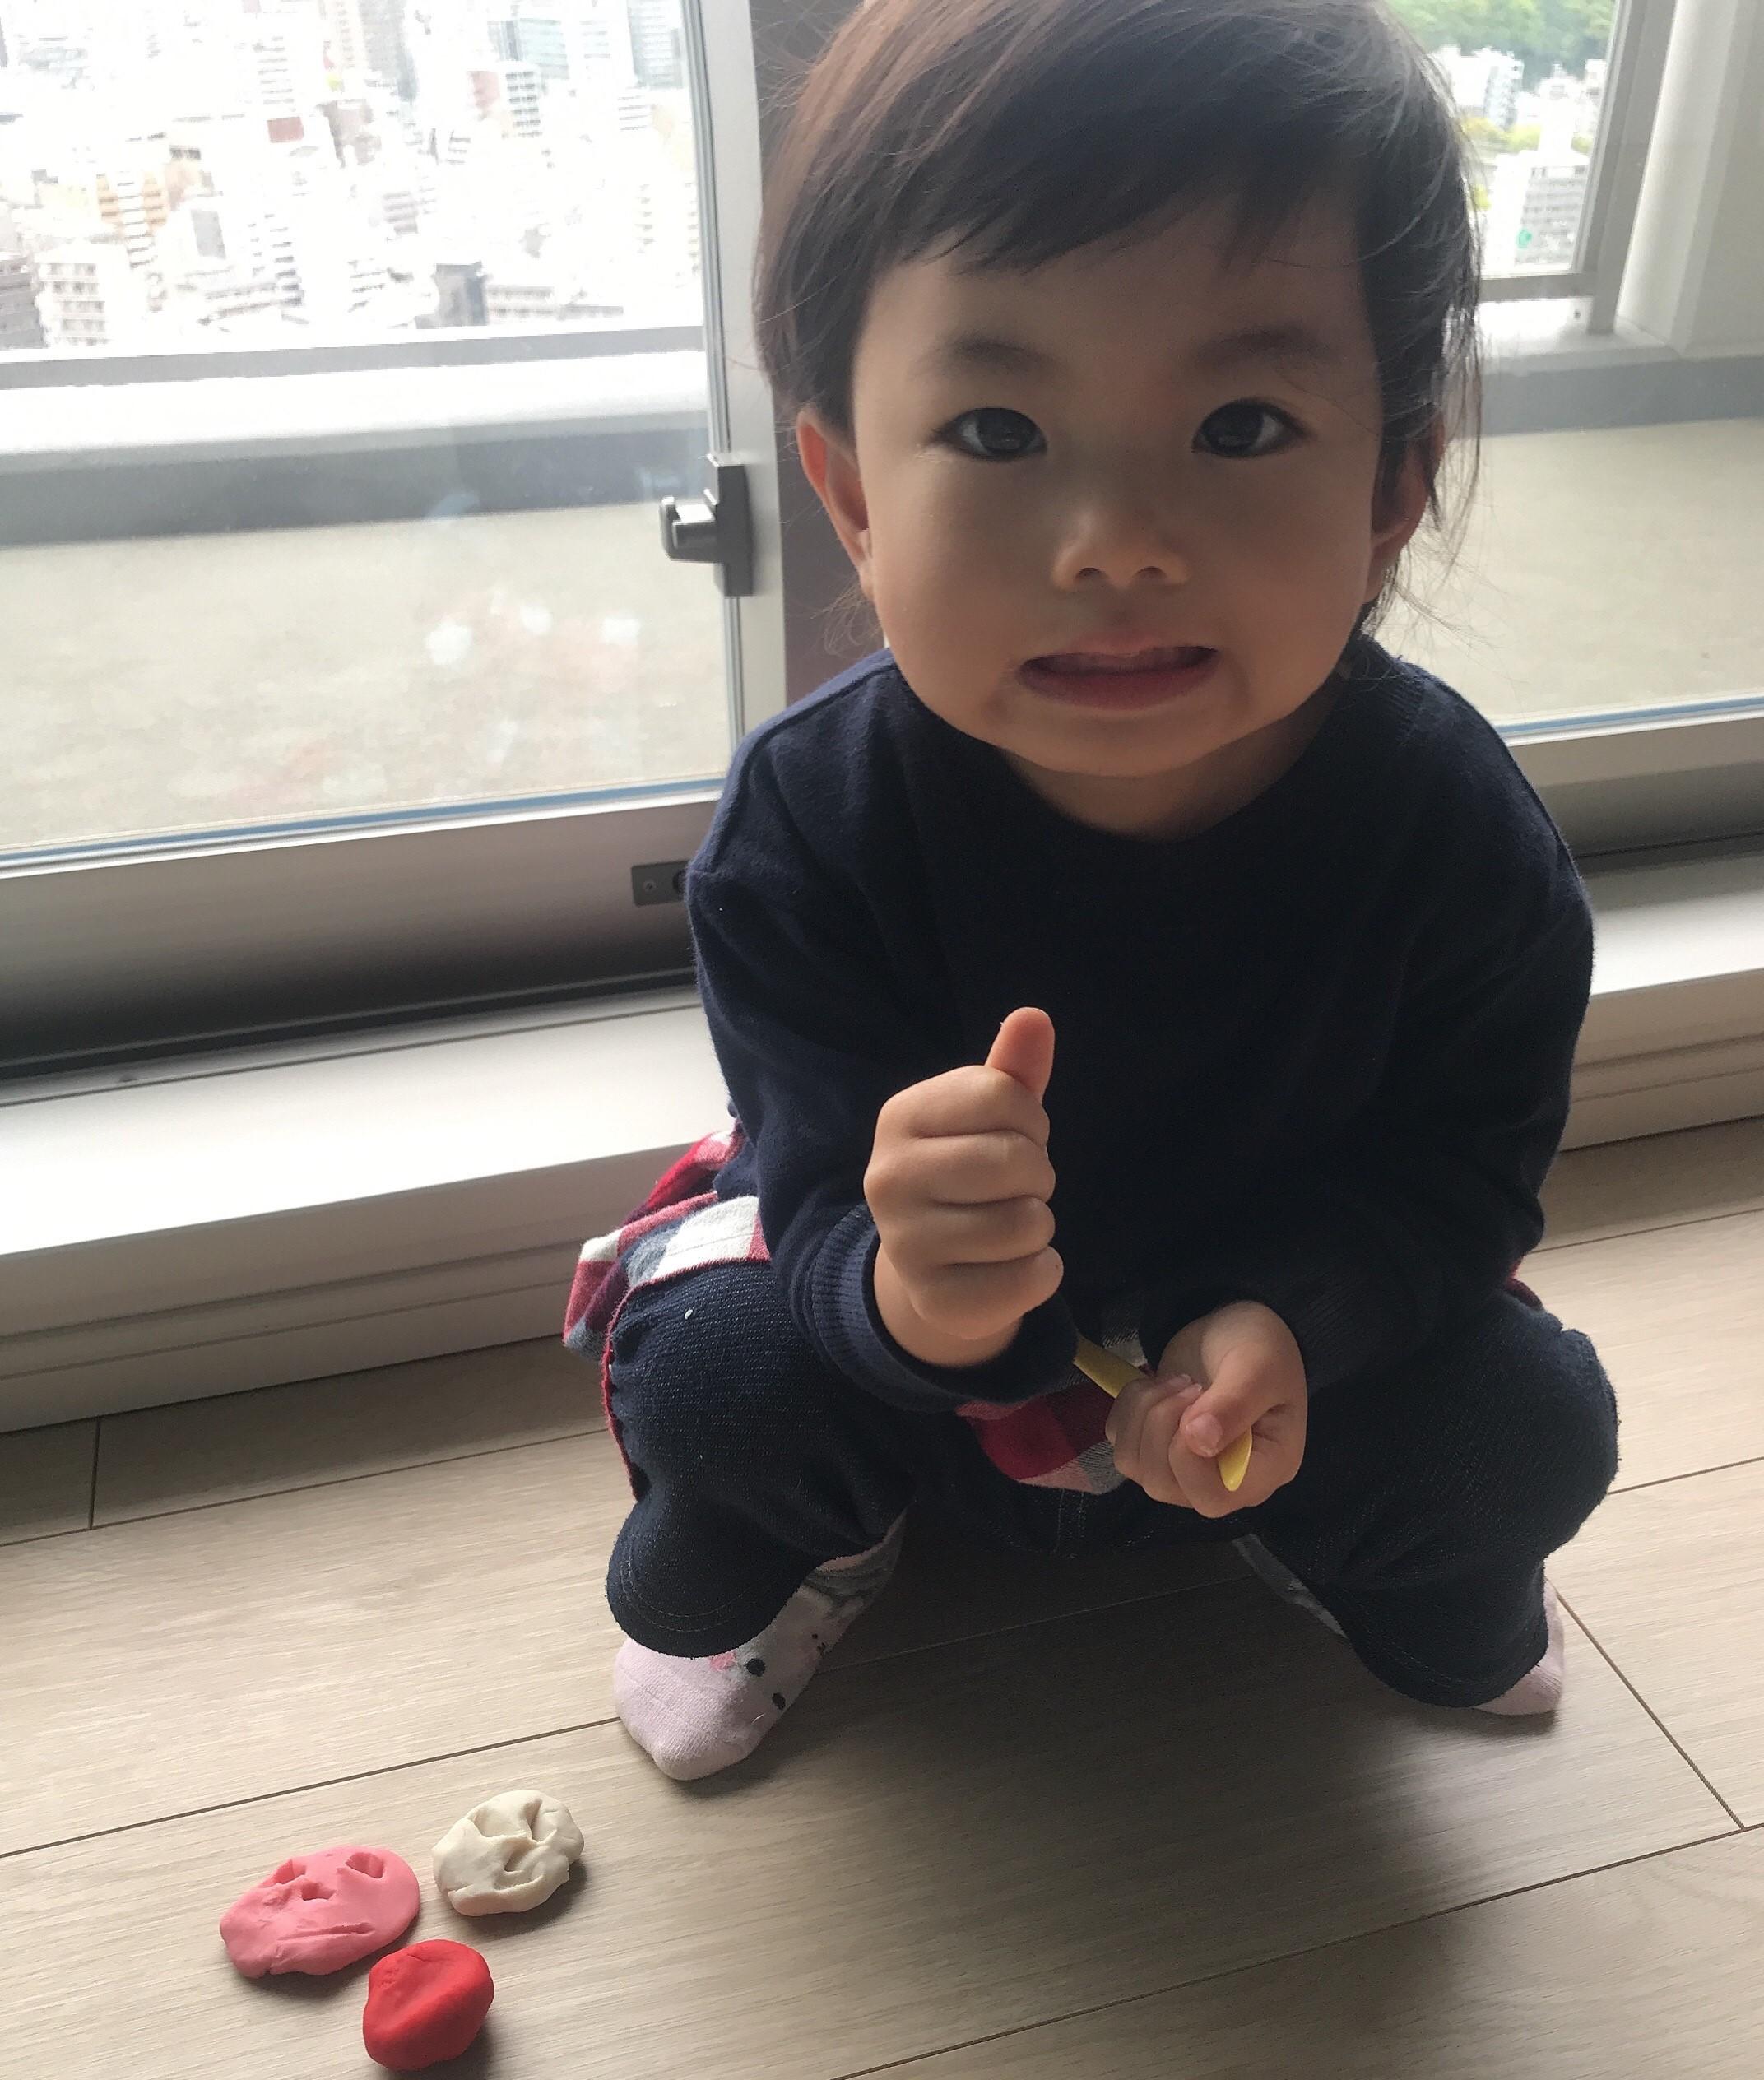 2歳児で理科ソングも記憶!「心も脳も健やかに成長しています」